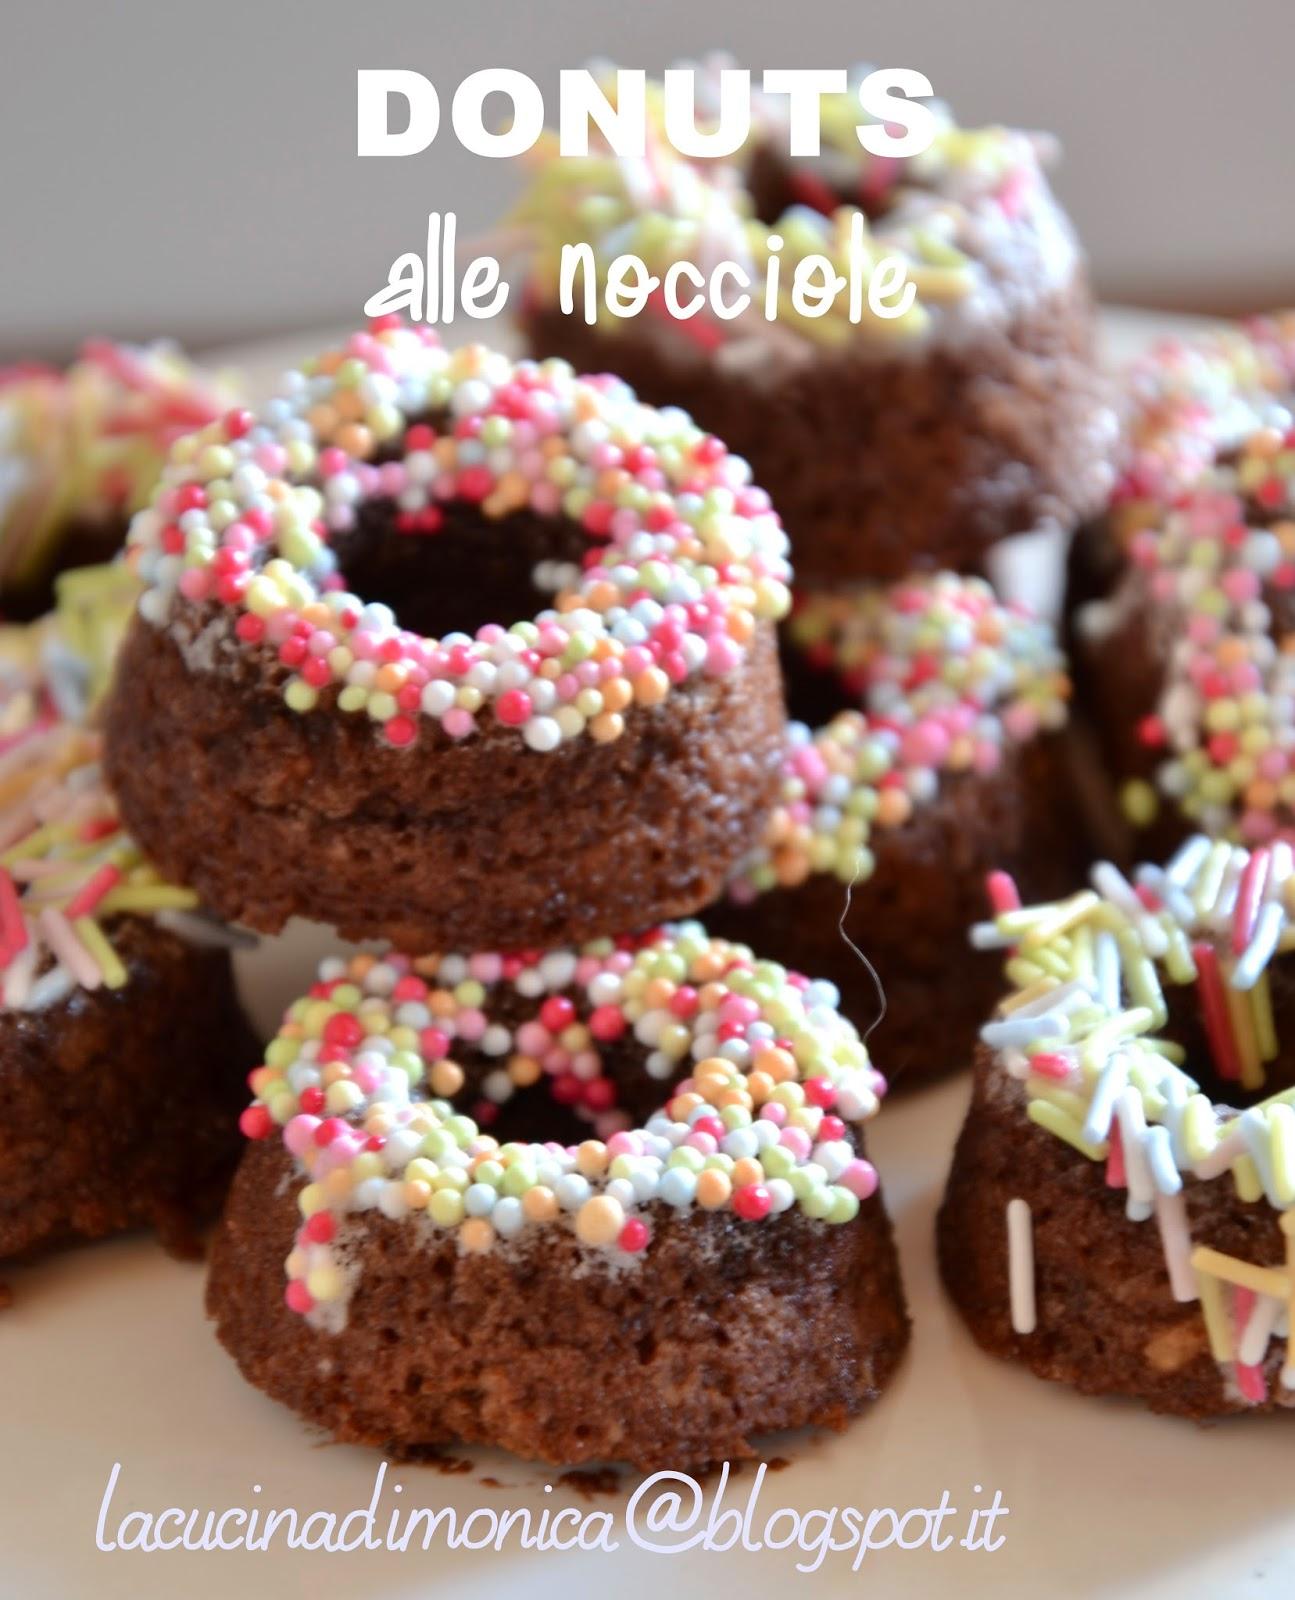 donuts alle nocciole - ricetta di luca montersino _